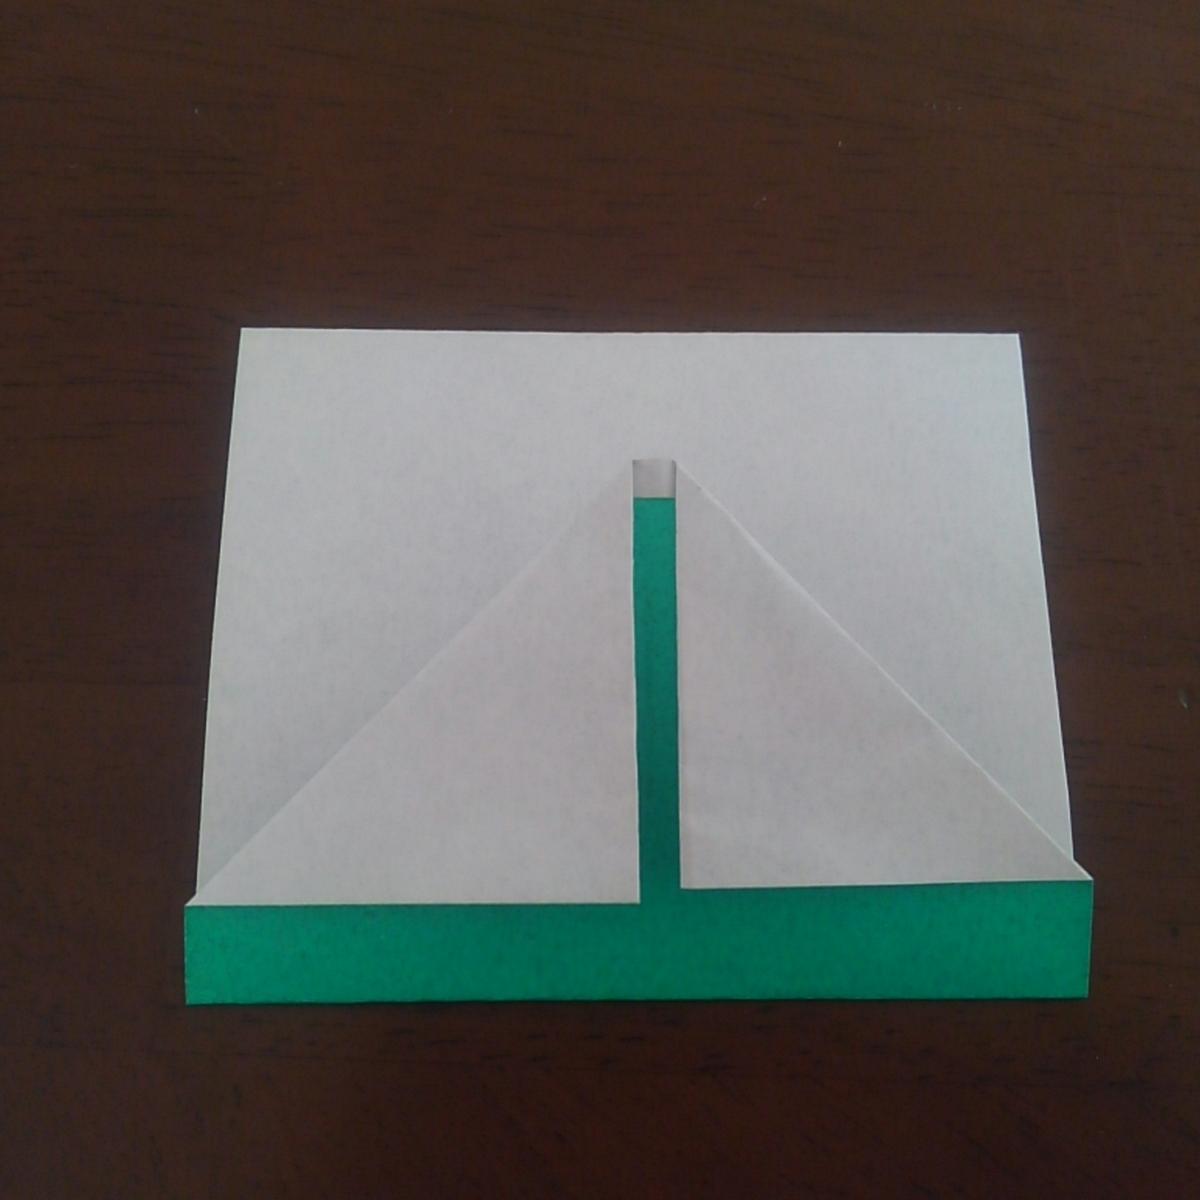 折り紙 鬼滅の刃 簡単